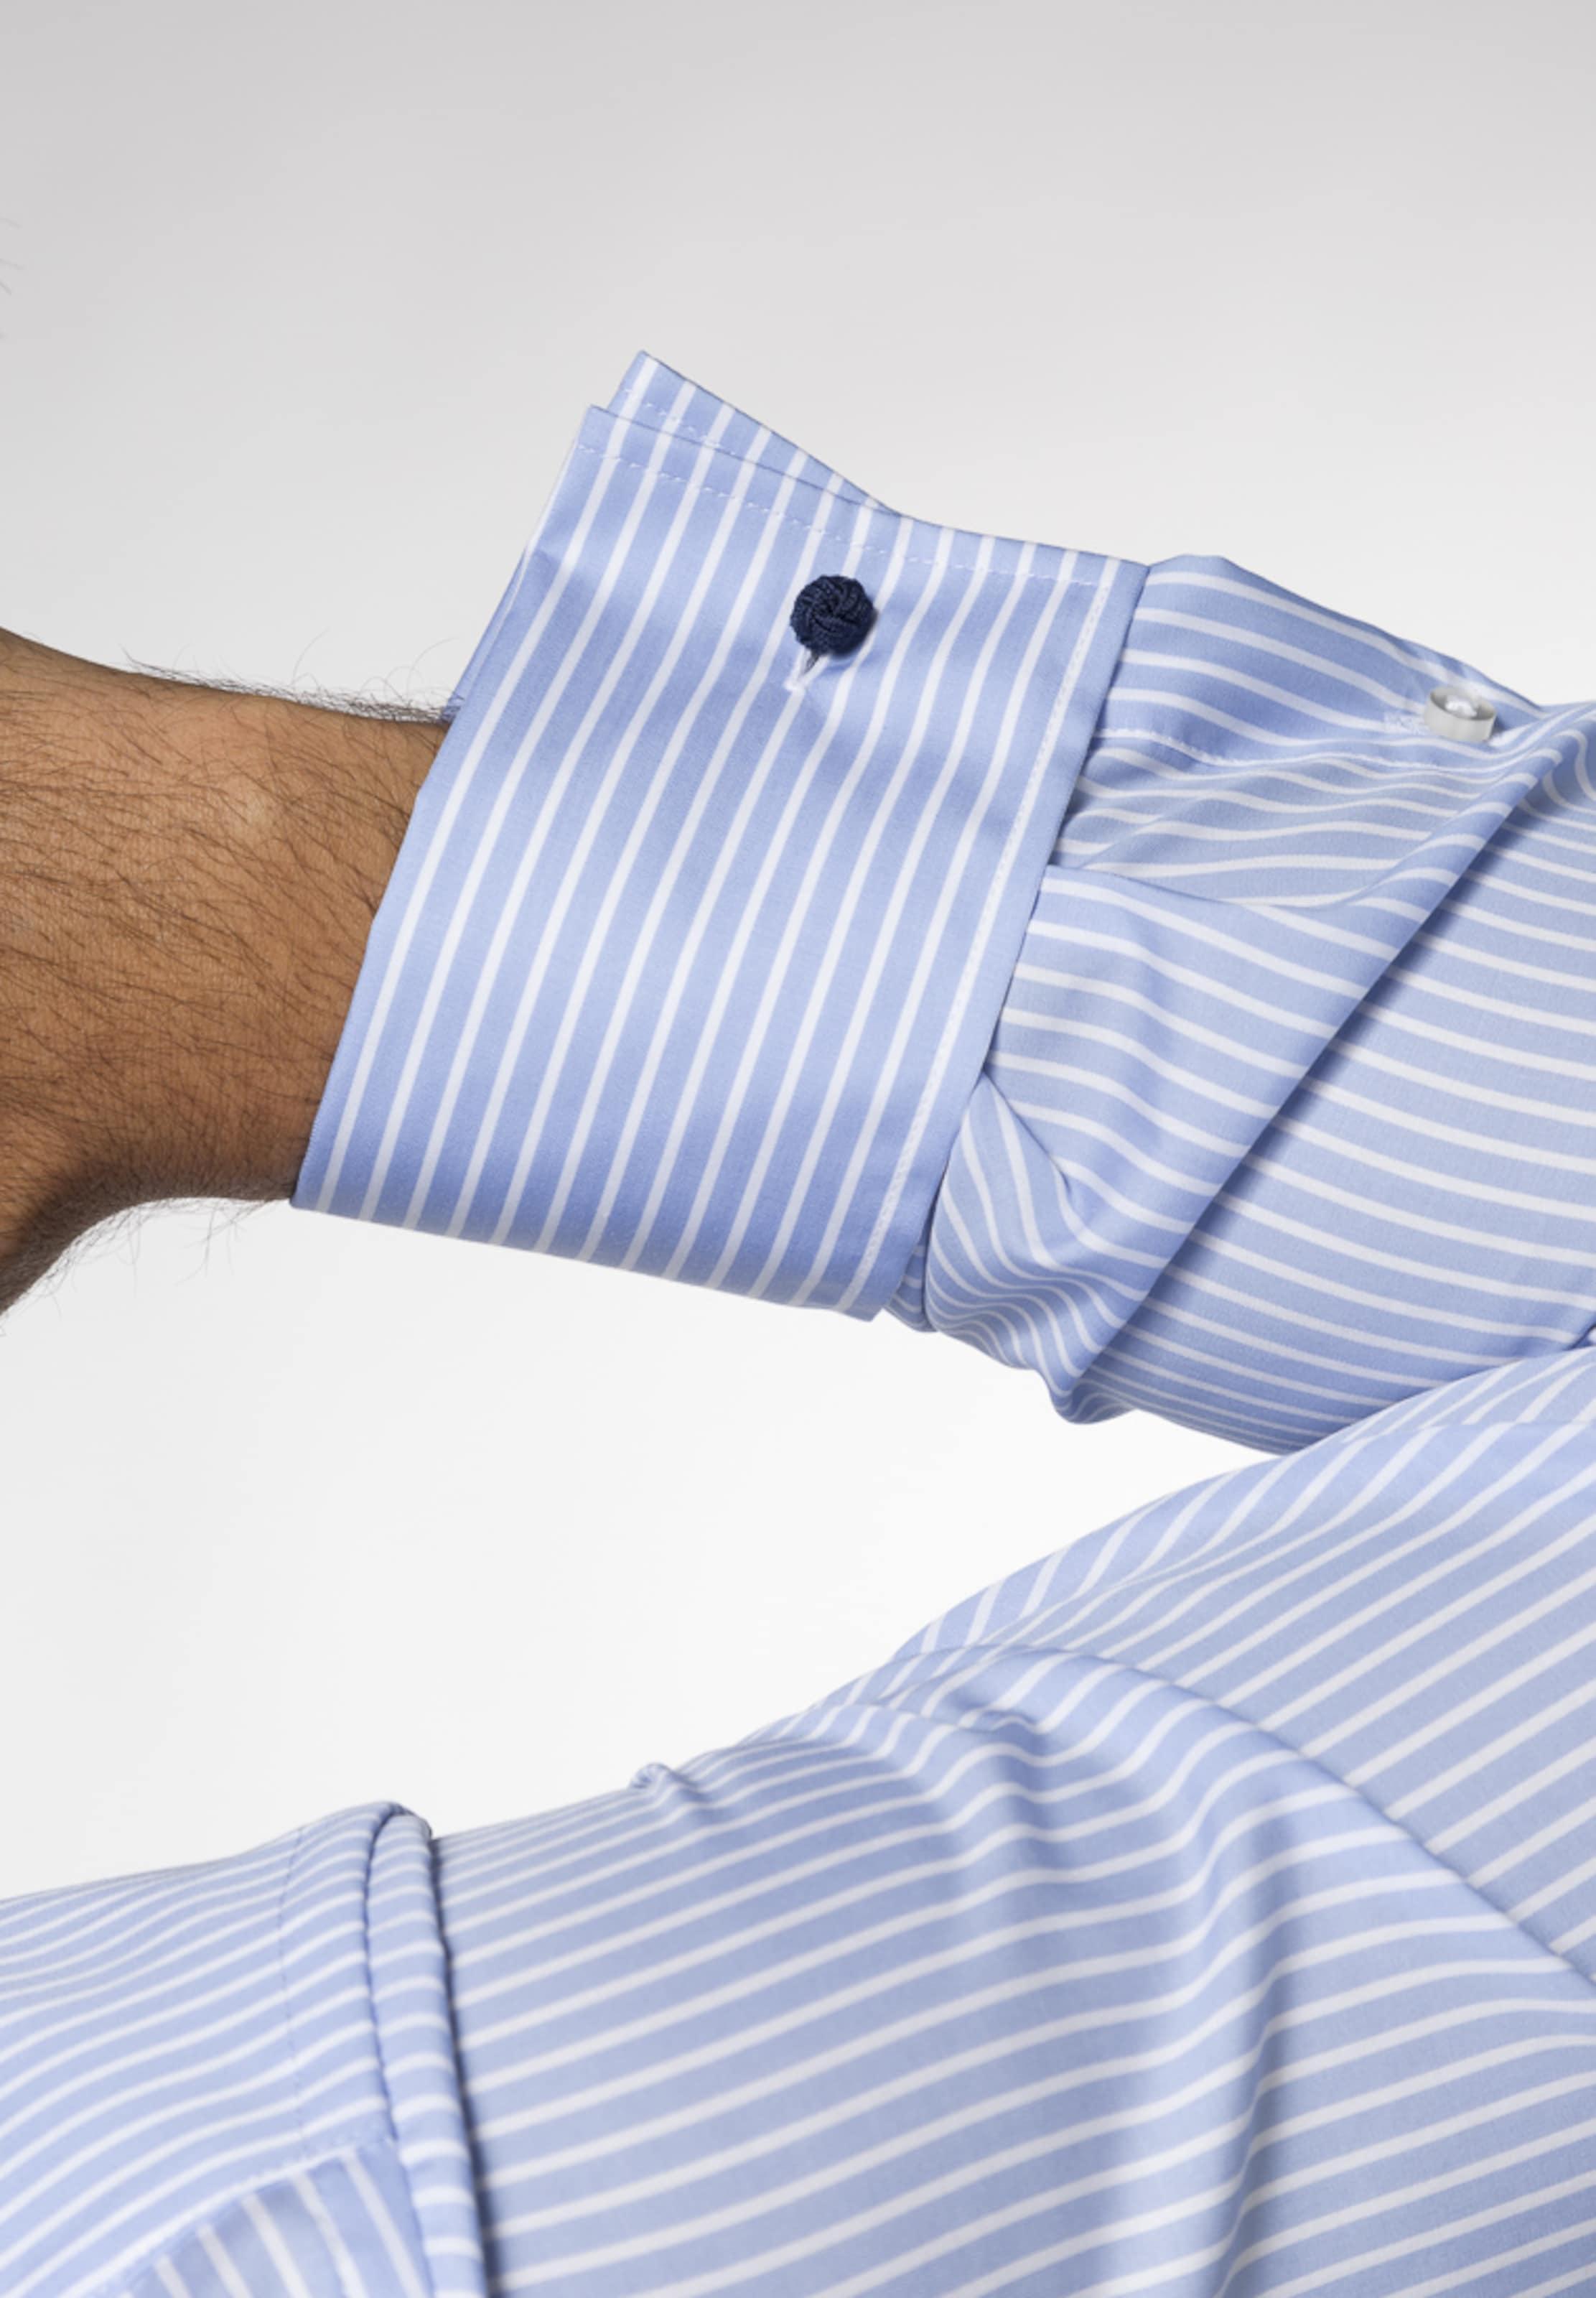 Mehrfarbig Billig Verkauf Größte Lieferant ETERNA Langarm Hemd MODERN FIT  Wie Viel Großhandel Verkauf In Deutschland 1rMhdjy